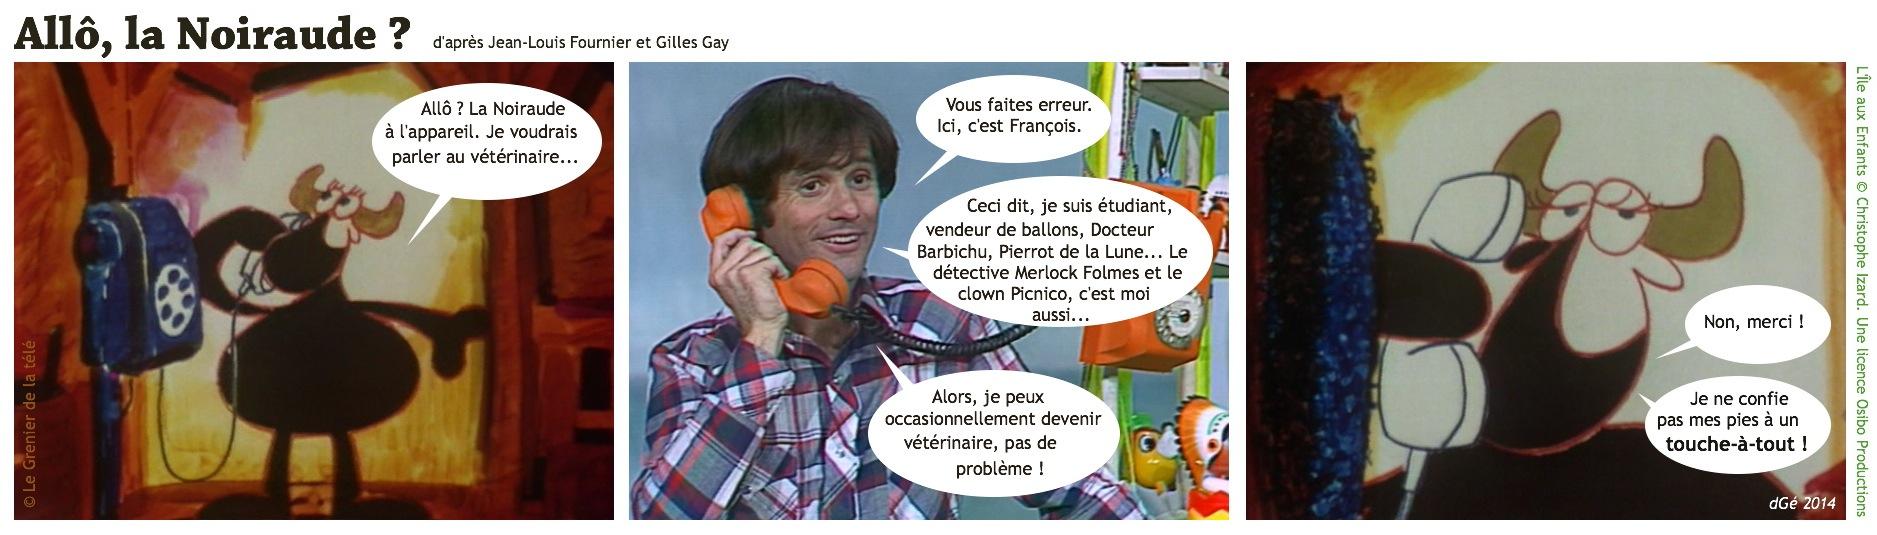 http://grenierdelatv.free.fr/2/noiraude002web.jpg